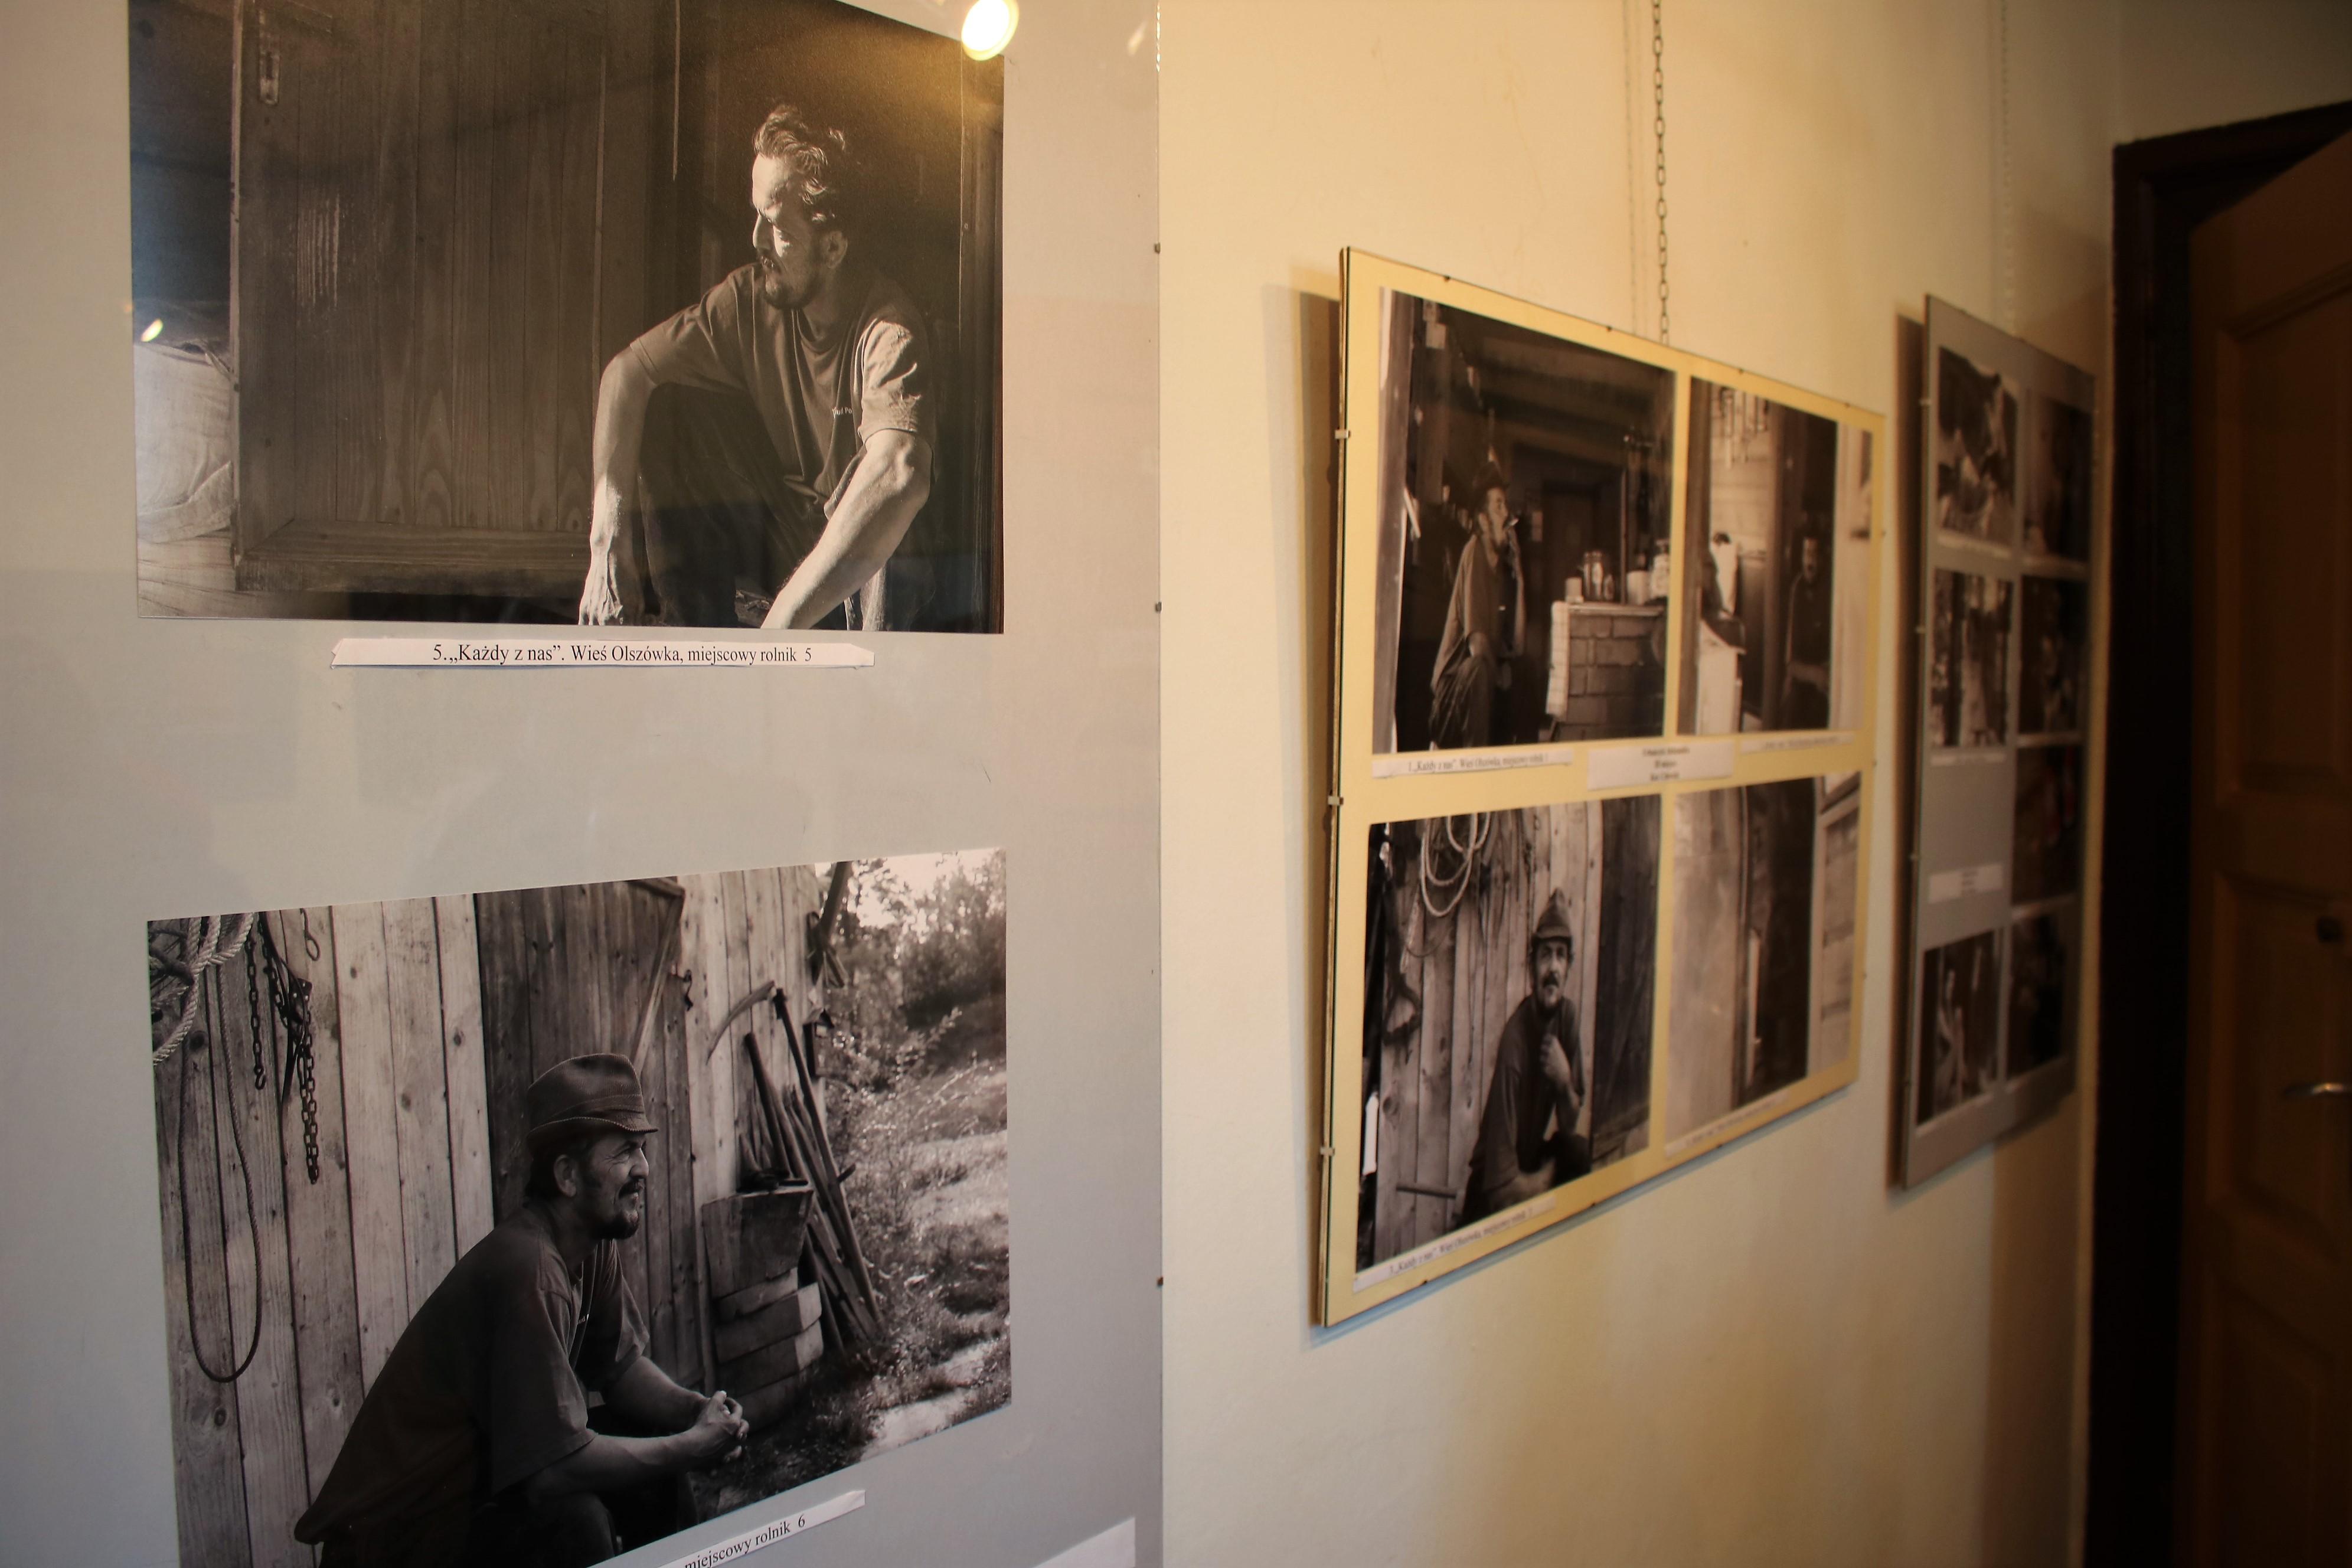 Galeria konkursu fotograficznego z obiektywem przez powiat